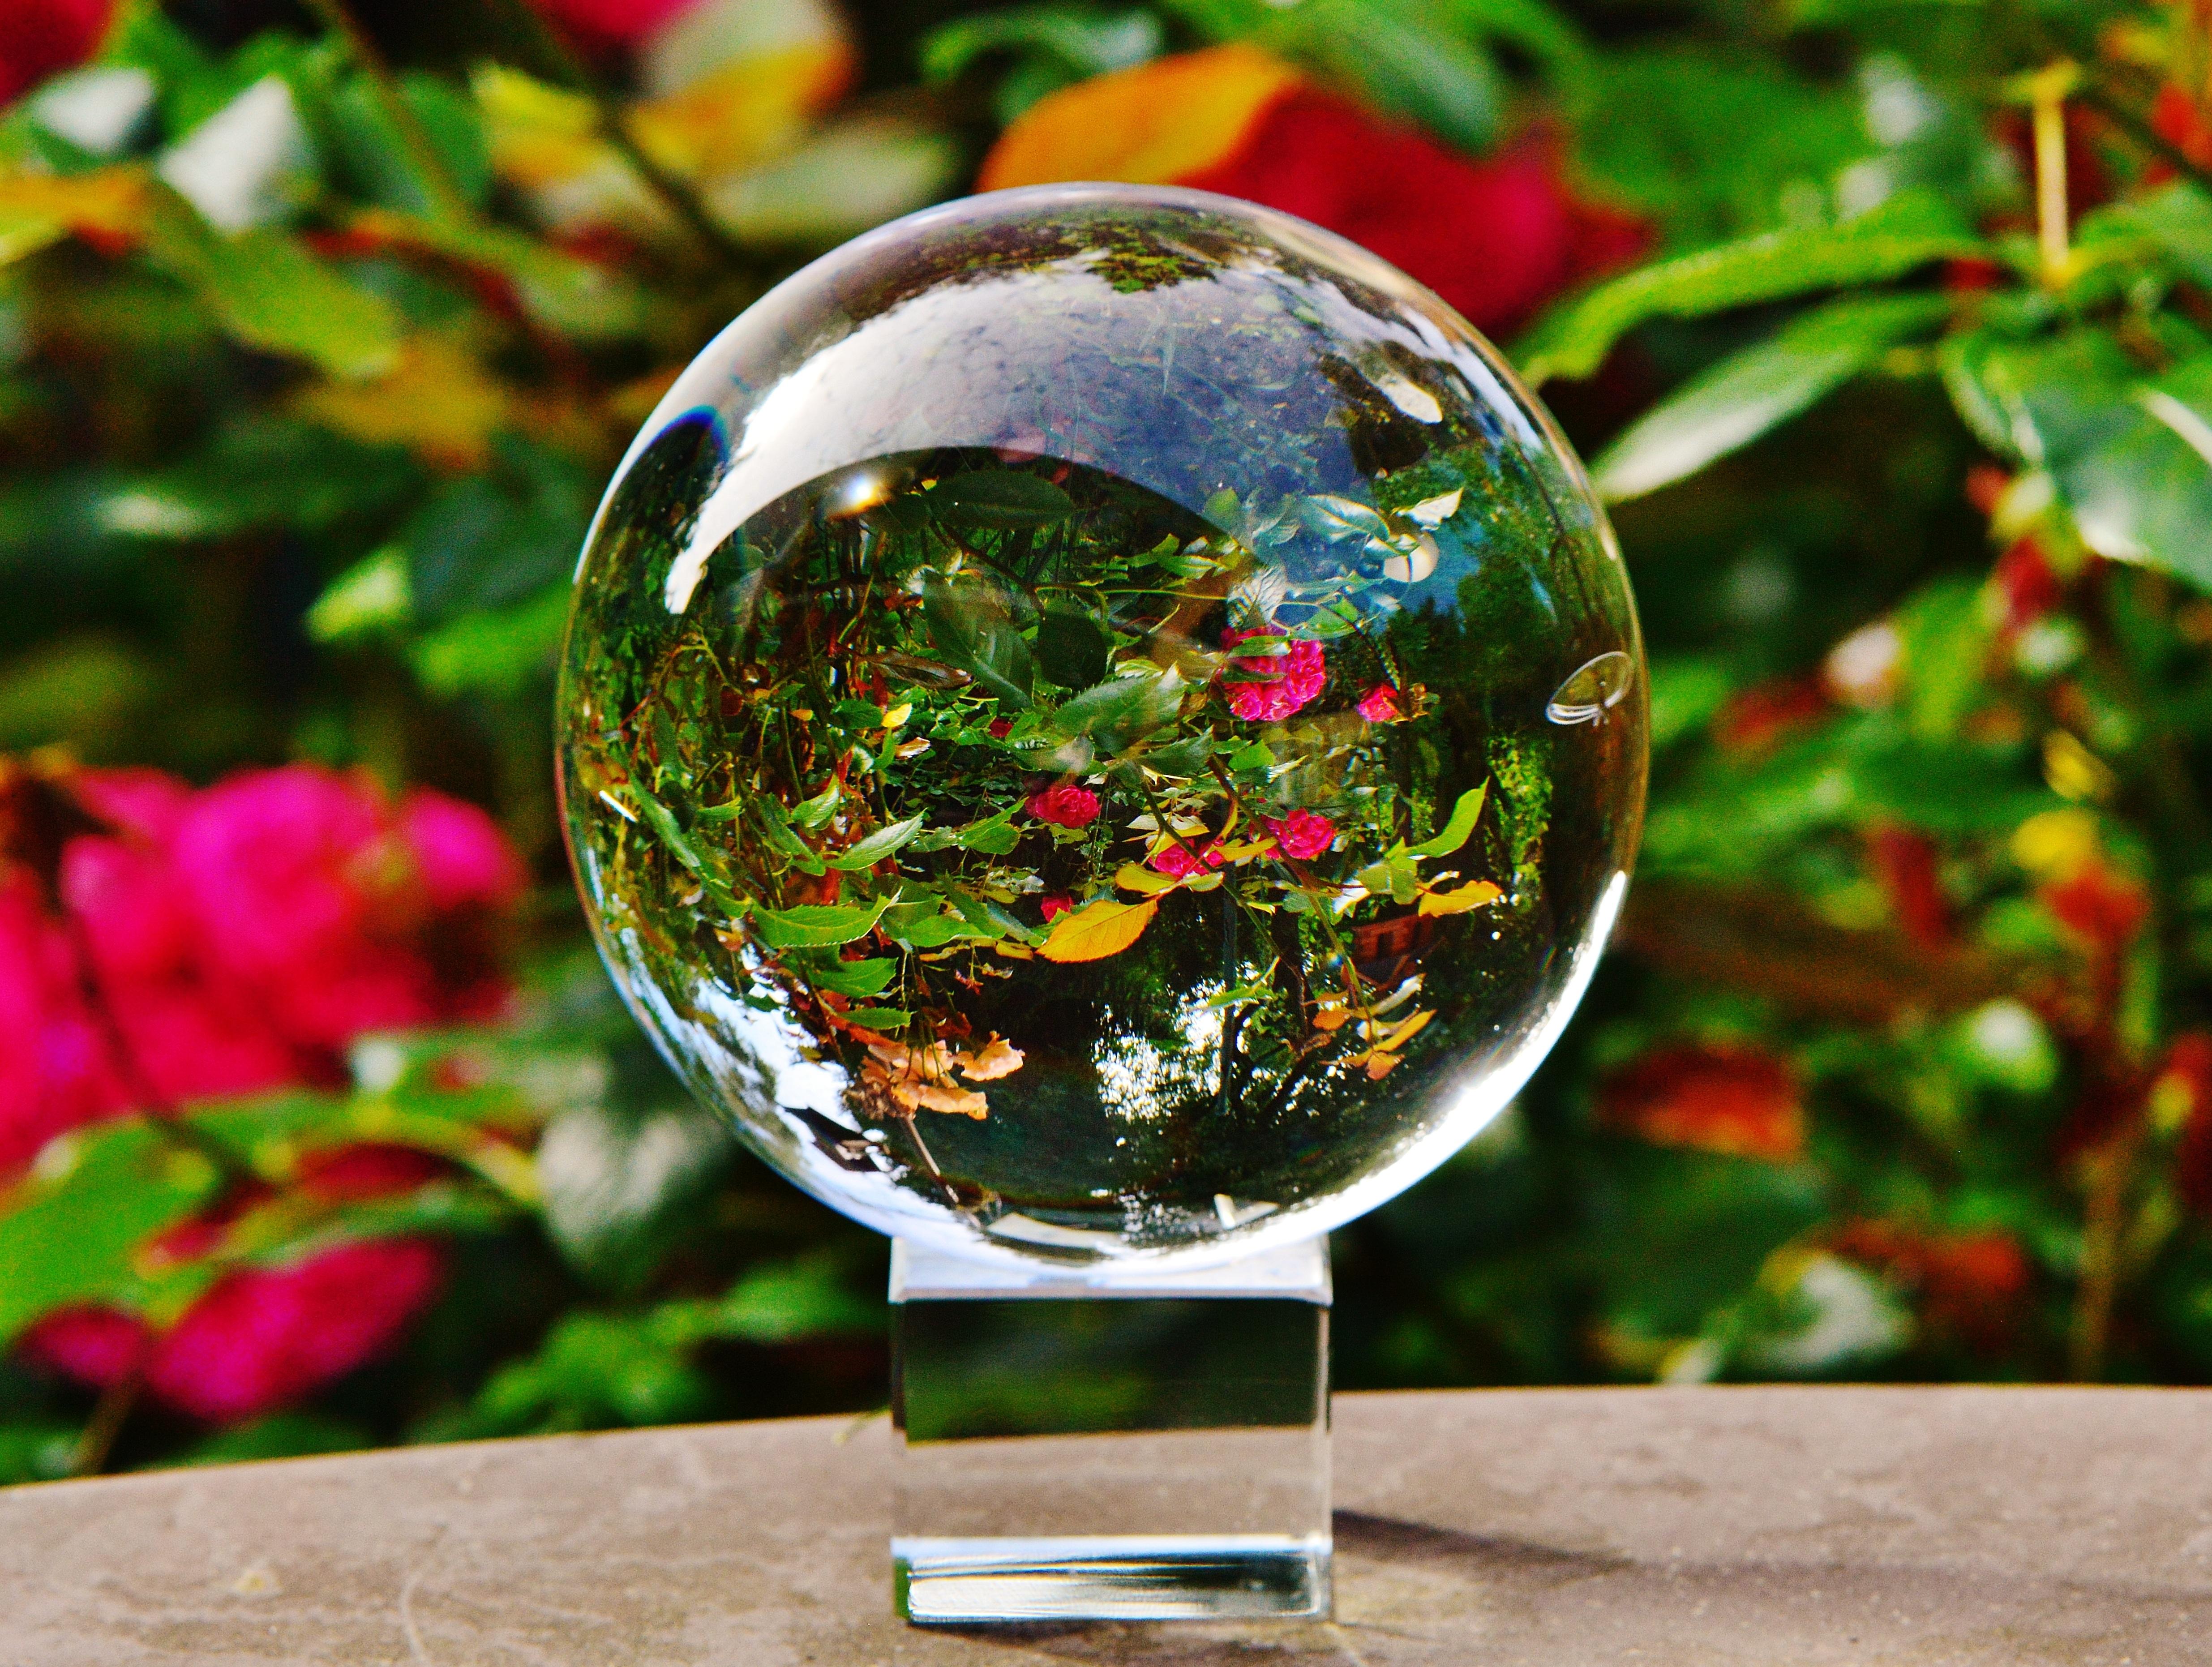 Цветы с глобусом, цветов холодного цветы